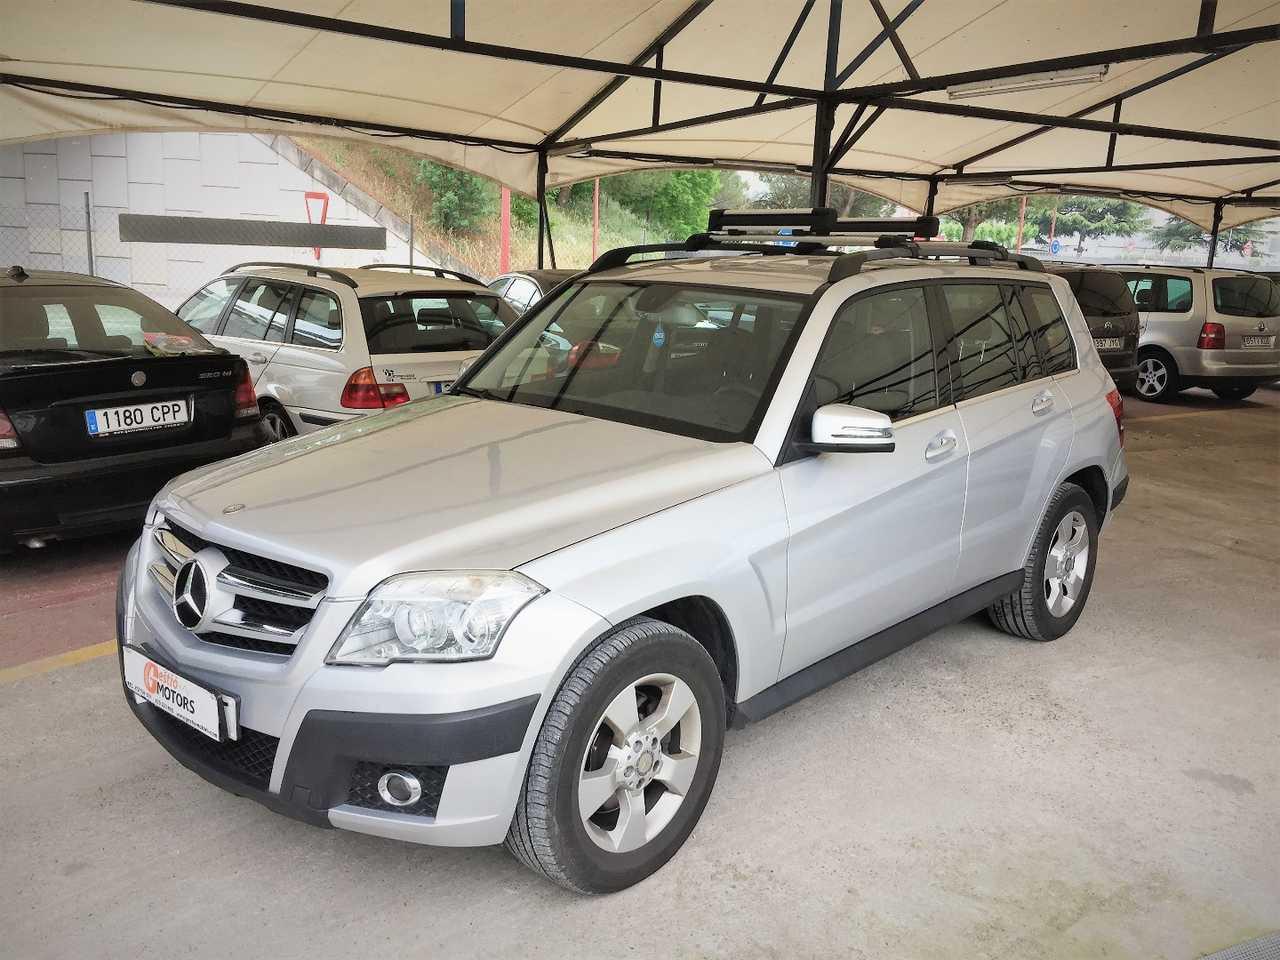 Mercedes Clase GLK 320 CDI 4MATIC   - Foto 1